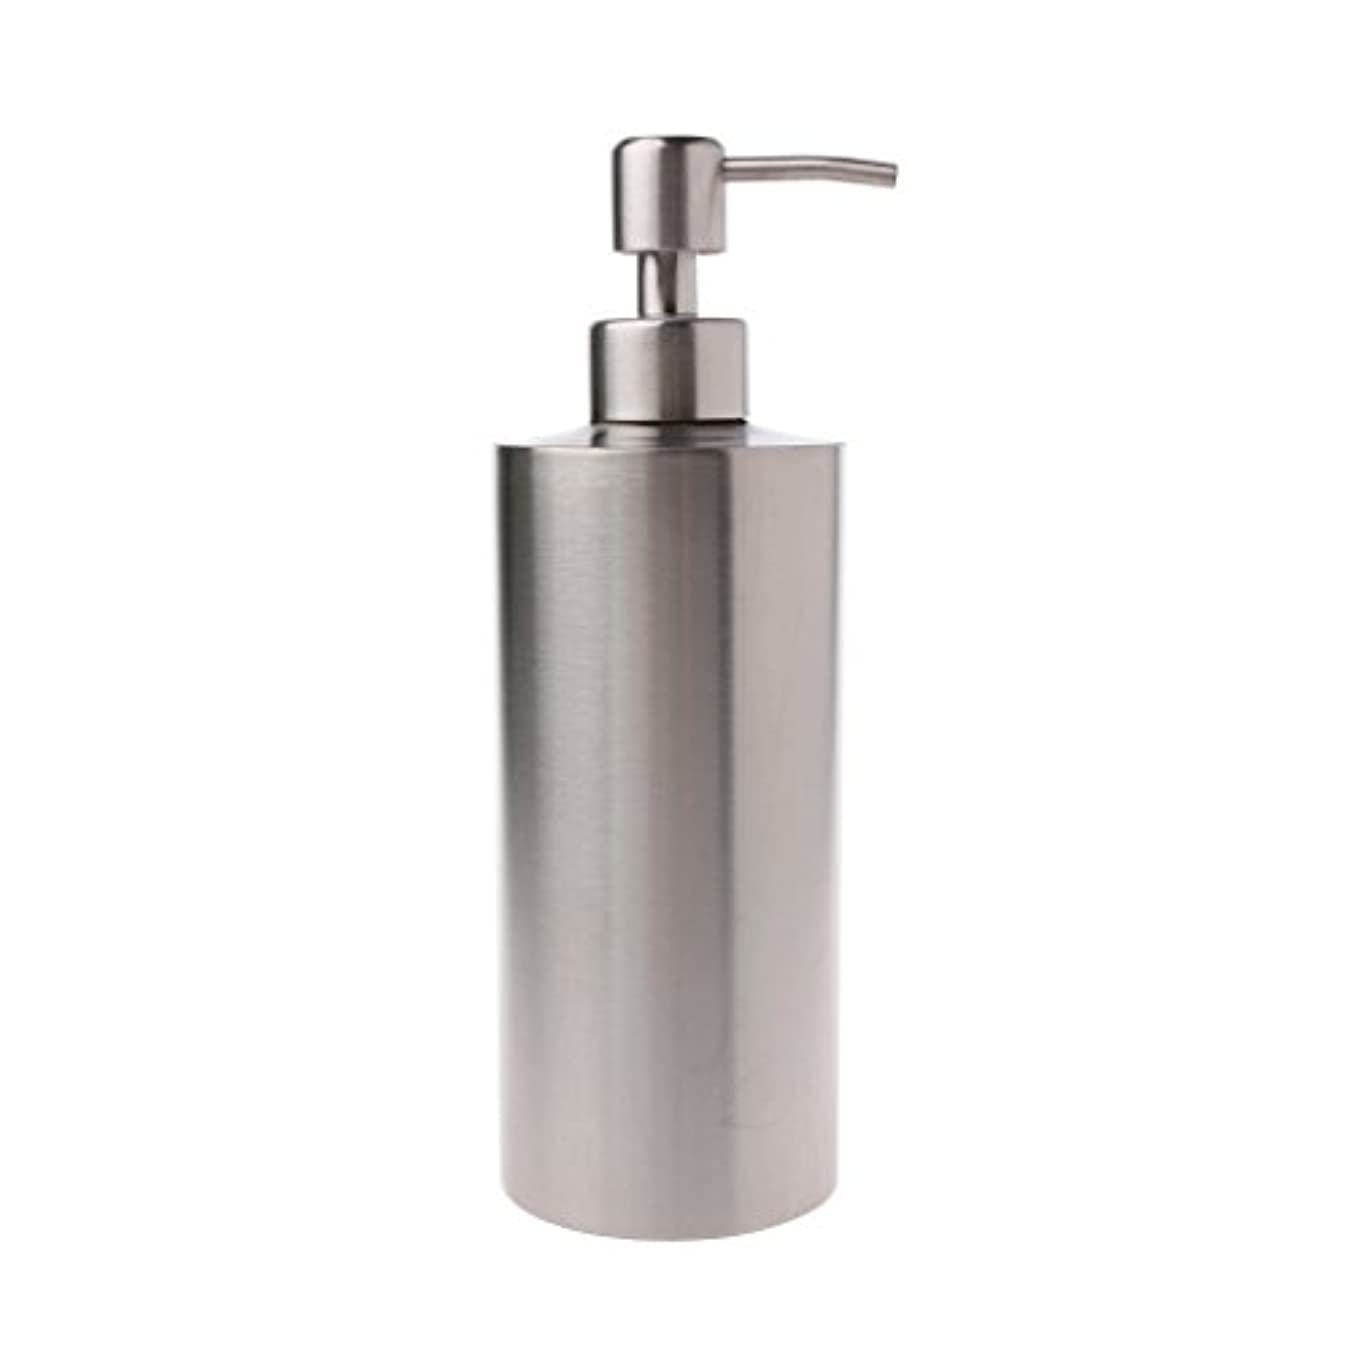 後継追い付く可愛いLamdoo 304ステンレス鋼ポンプ液体石鹸ローションディスペンサーボトルキッチンバスルーム